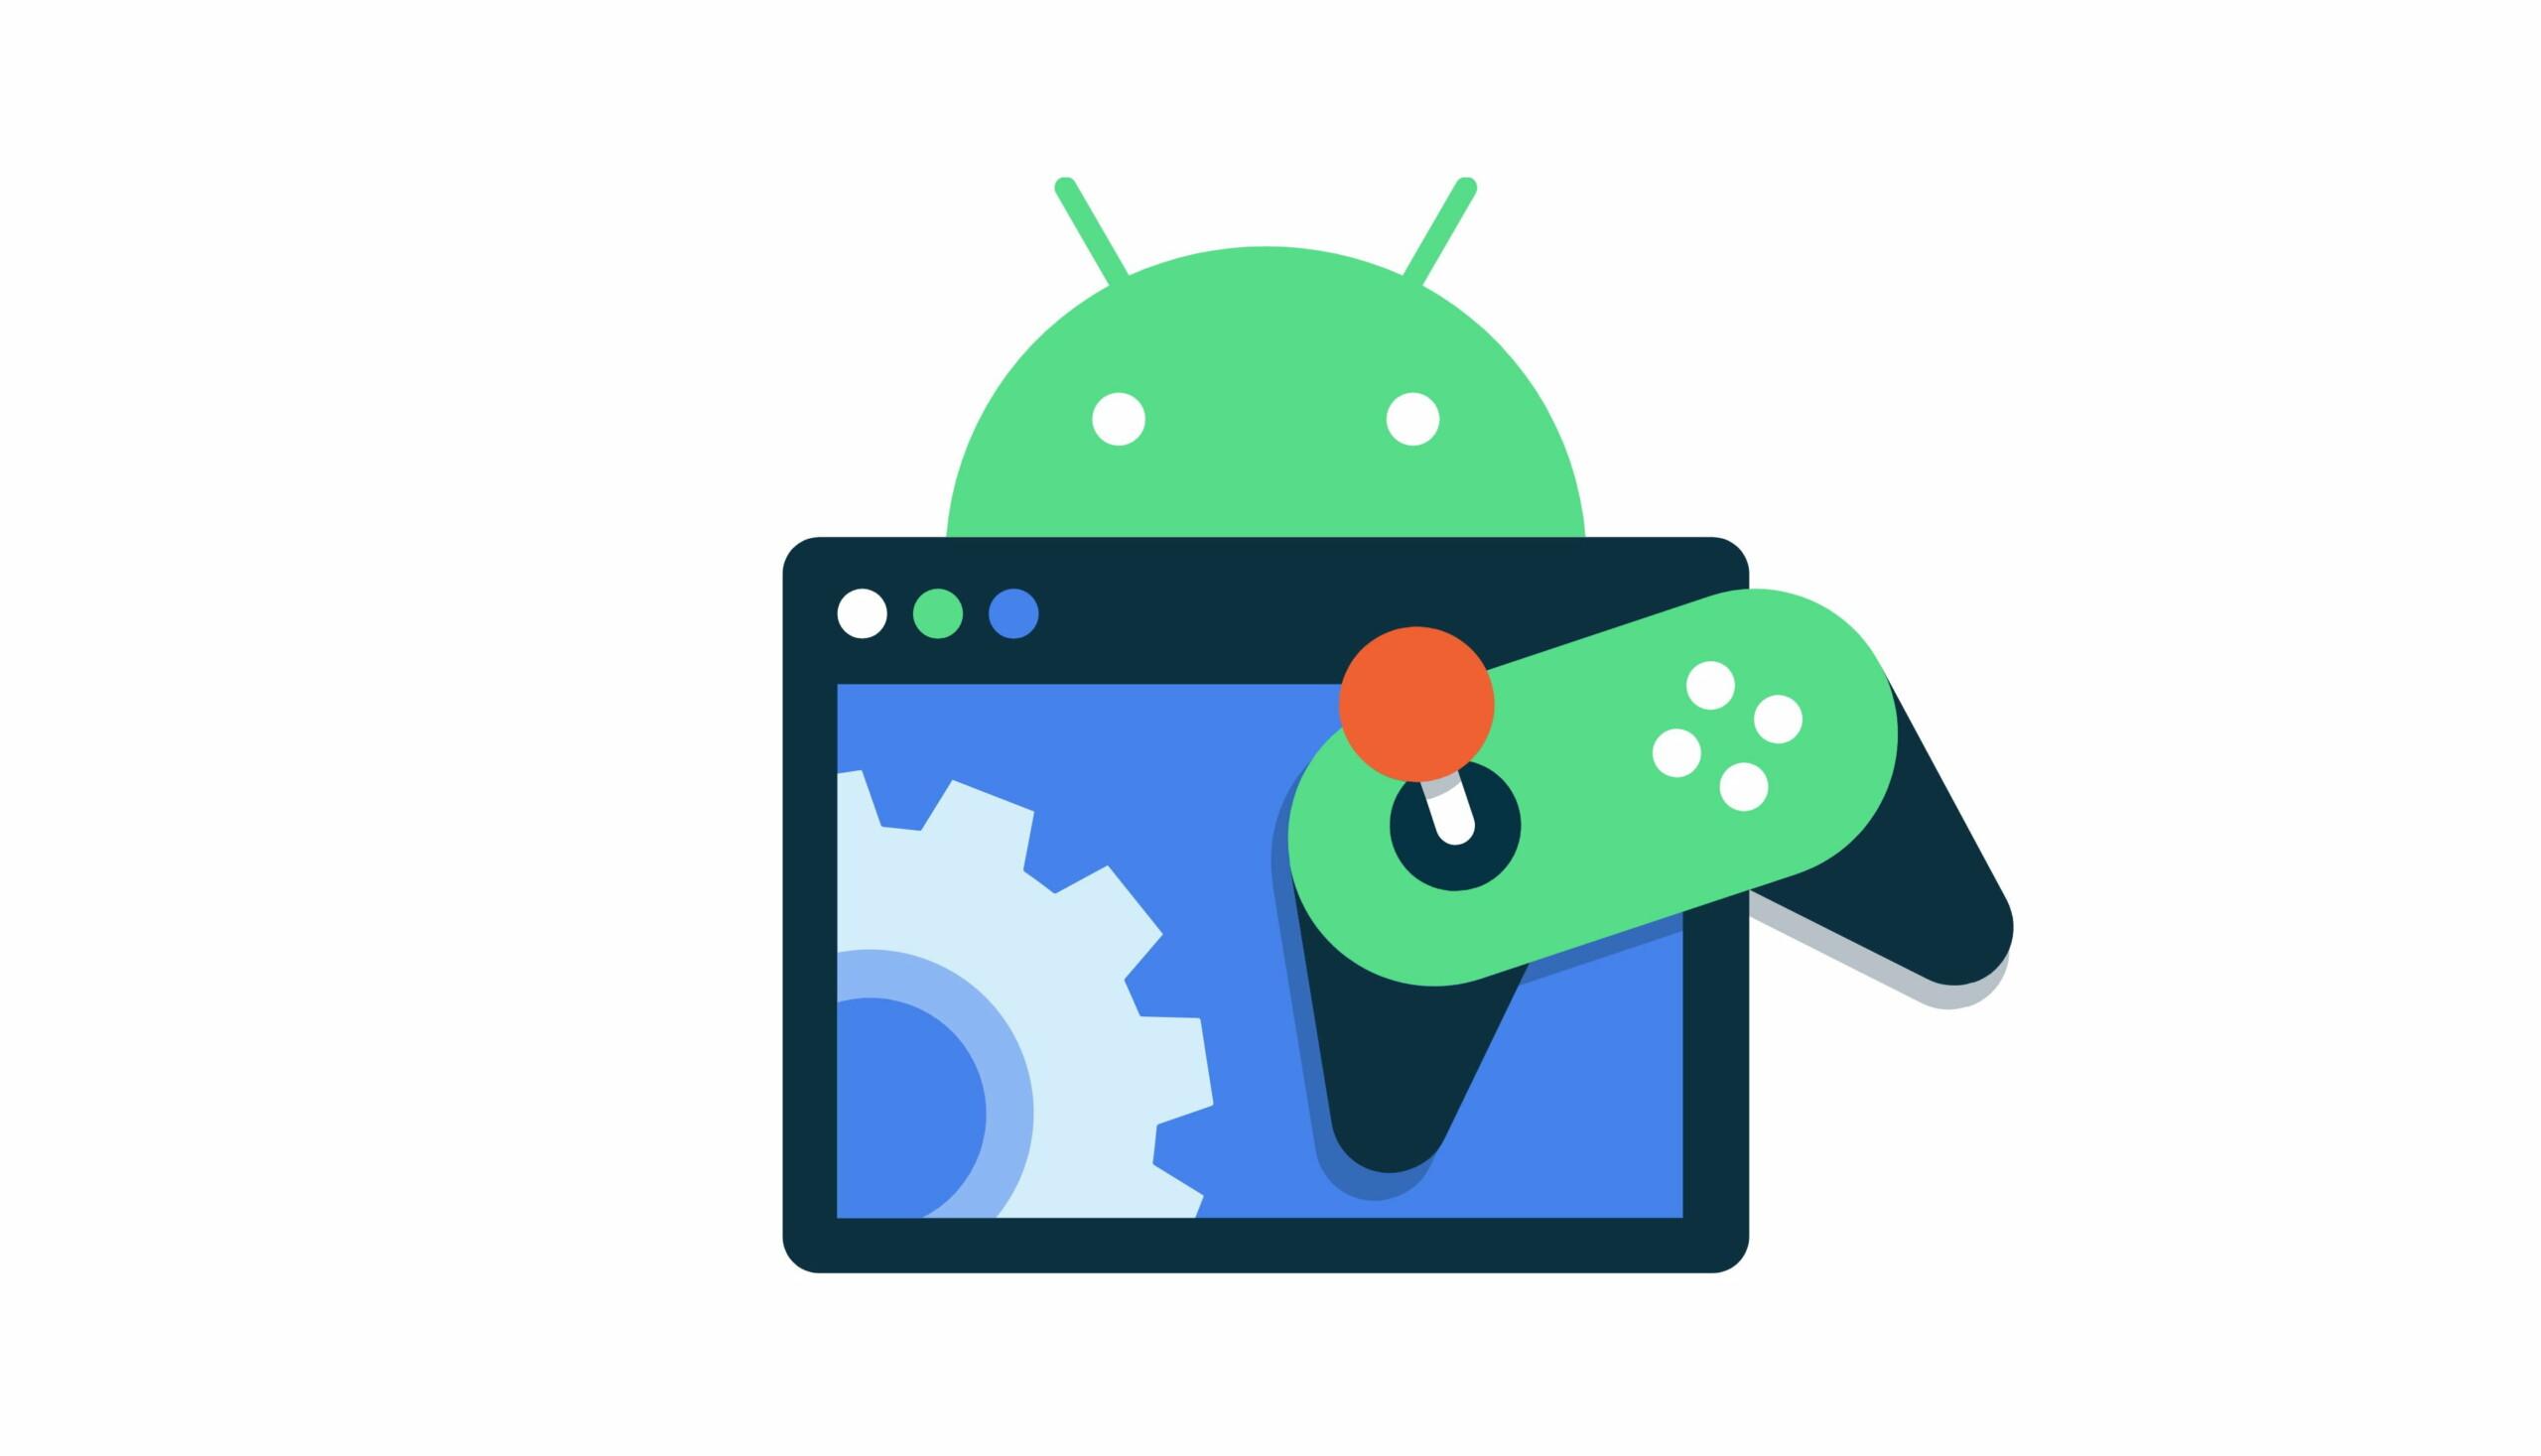 Android12: Game Dashboard, jouer en téléchargeant, Game Development Kit, Google met le paquet sur le jeu vidéo